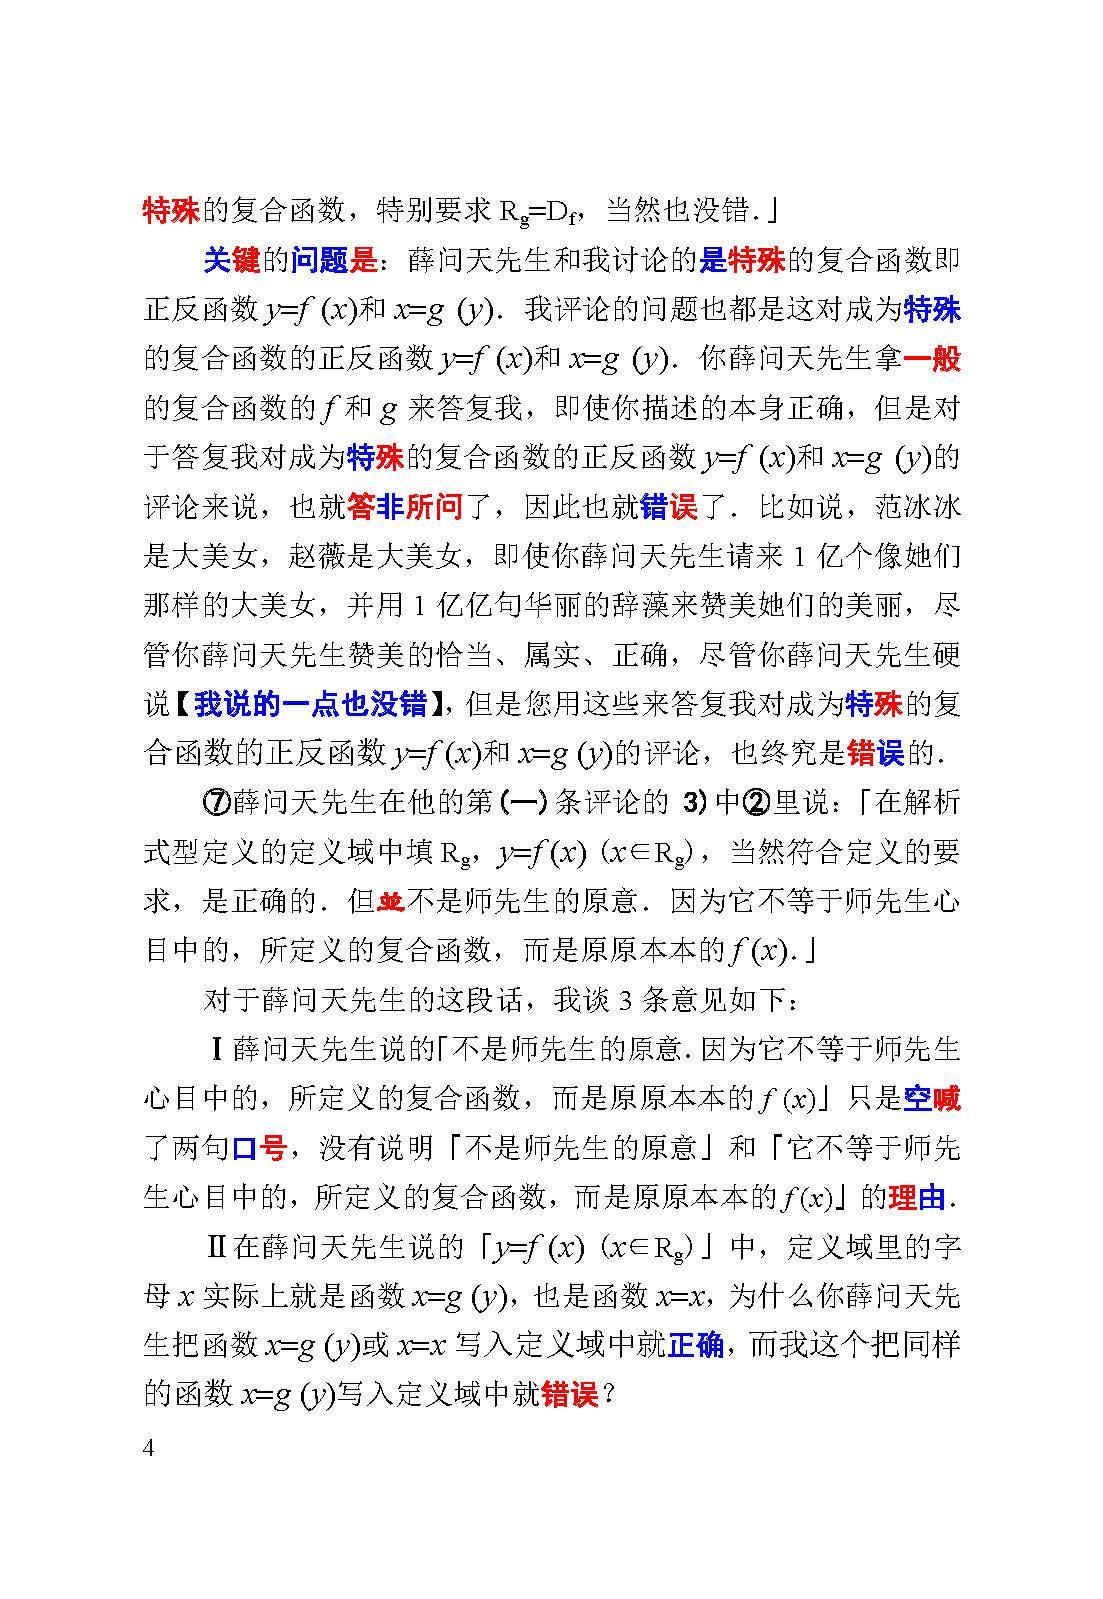 评薛问天先生的文章0428_页面_04.jpg